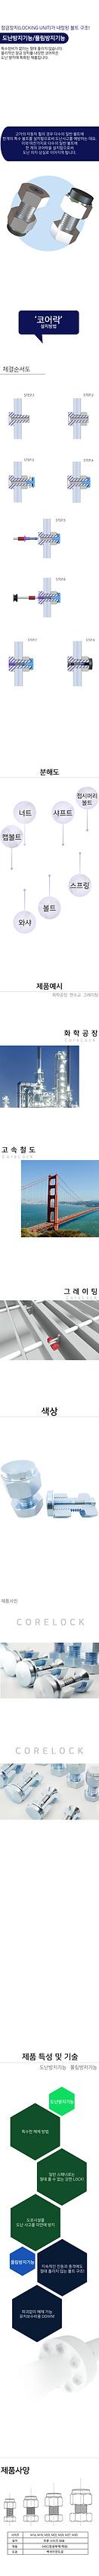 모바일8 코어락_p_0812.png